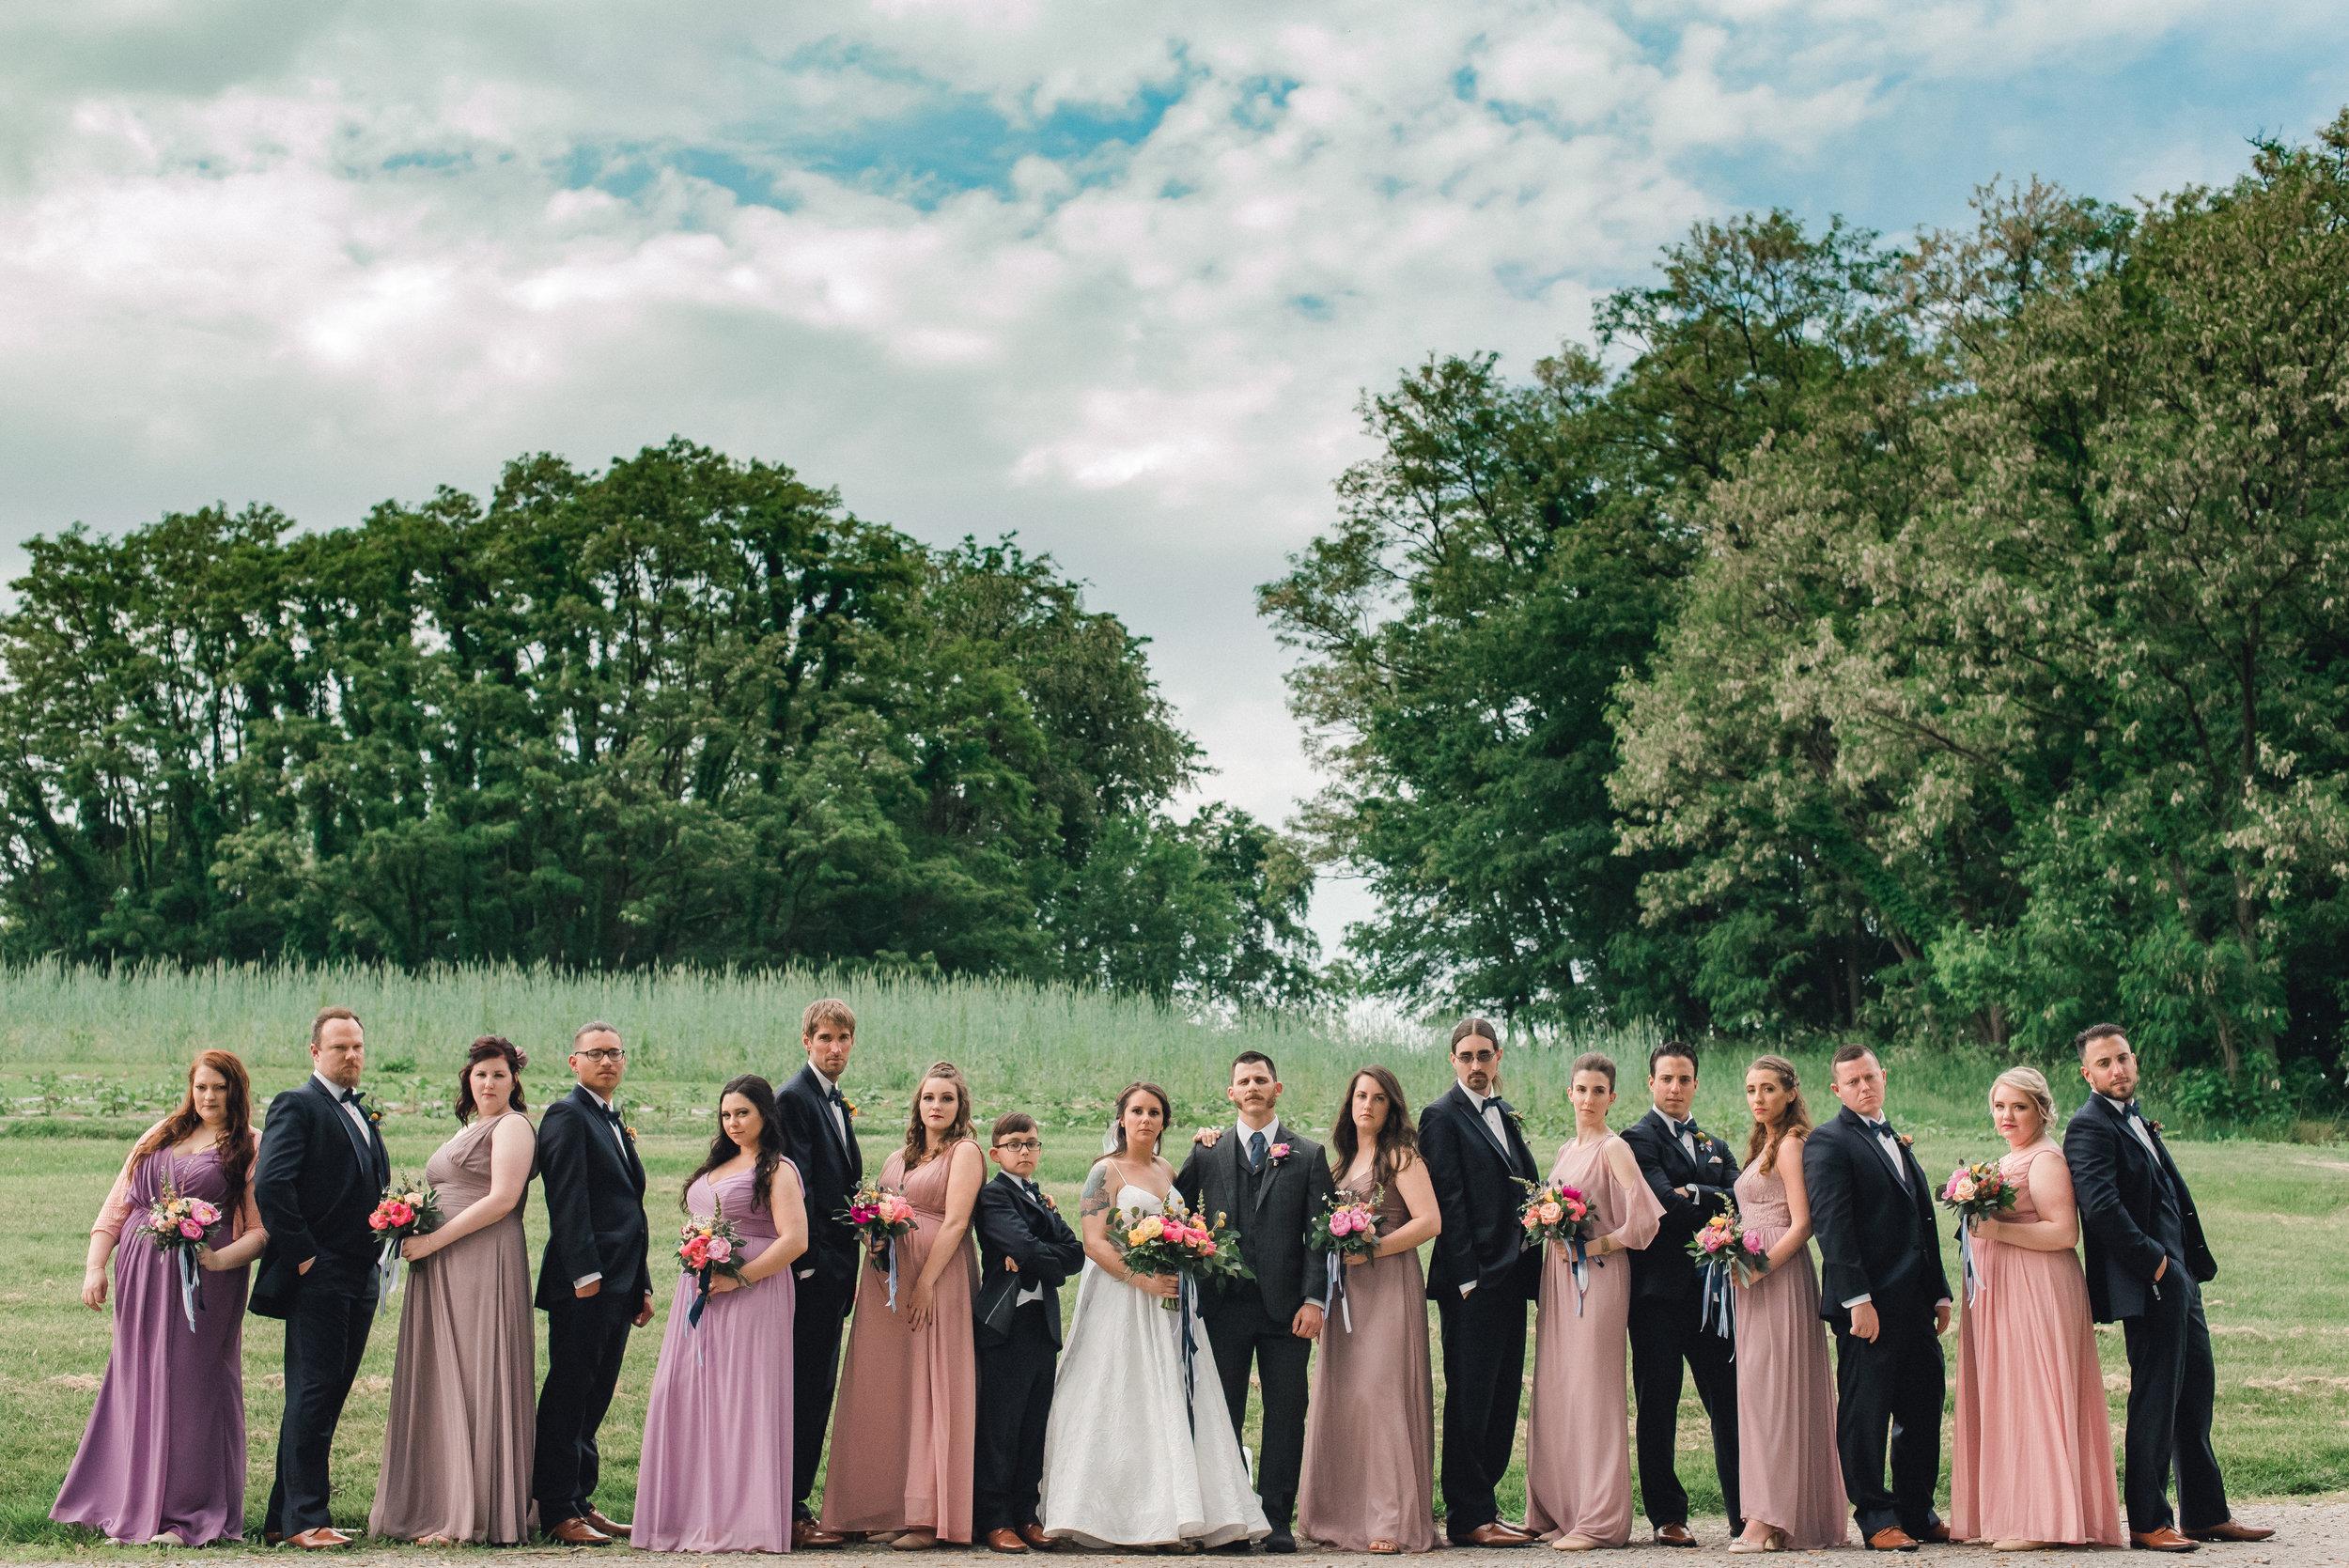 pittsburgh-wedding-bramblewood-farm-barn-wes-anderson-0029.jpg